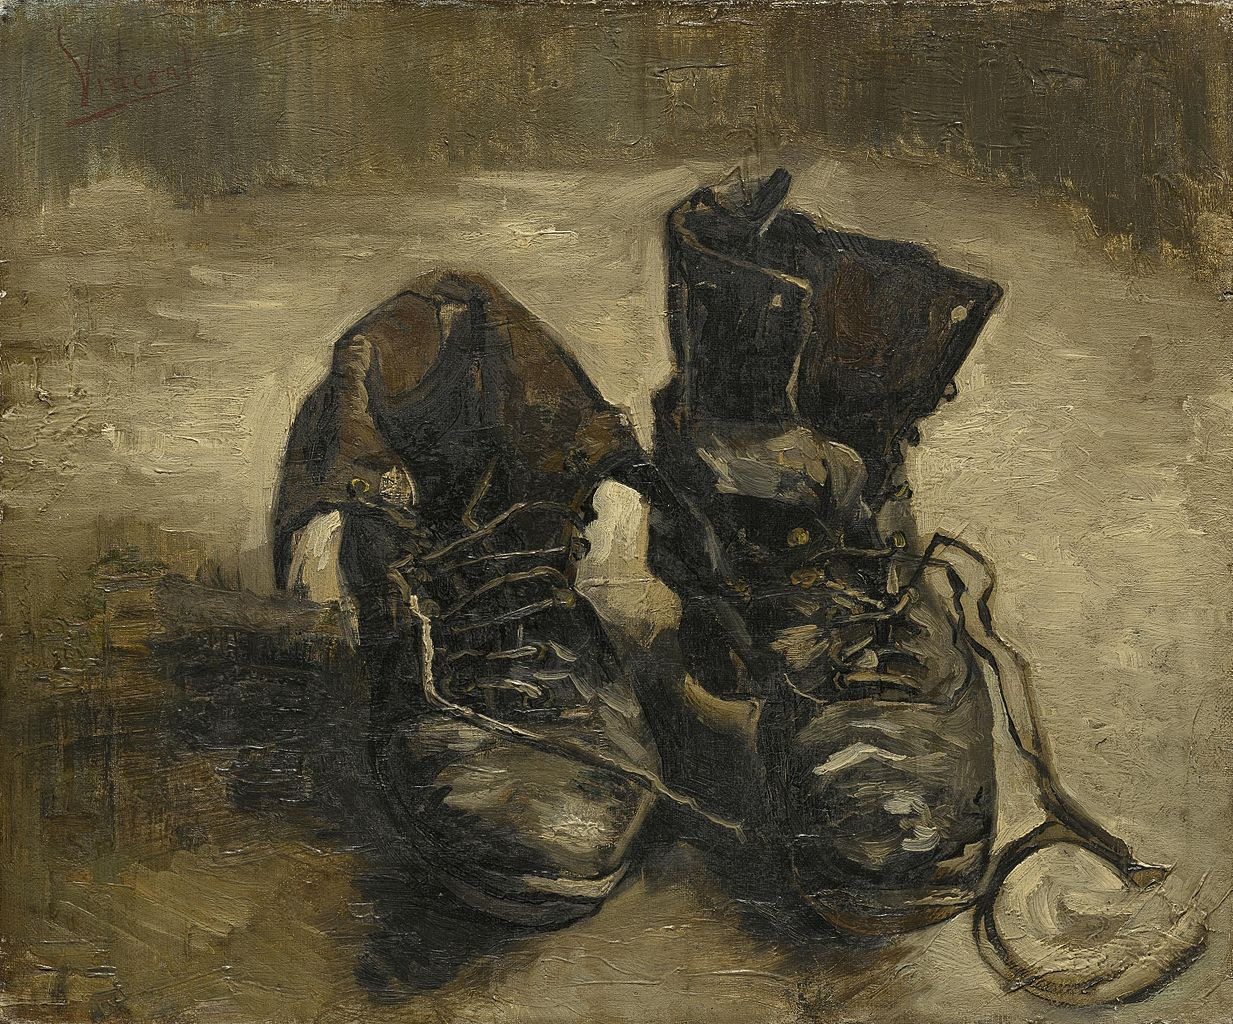 Schoenen_-_s0011V1962_-_Van_Gogh_Museum